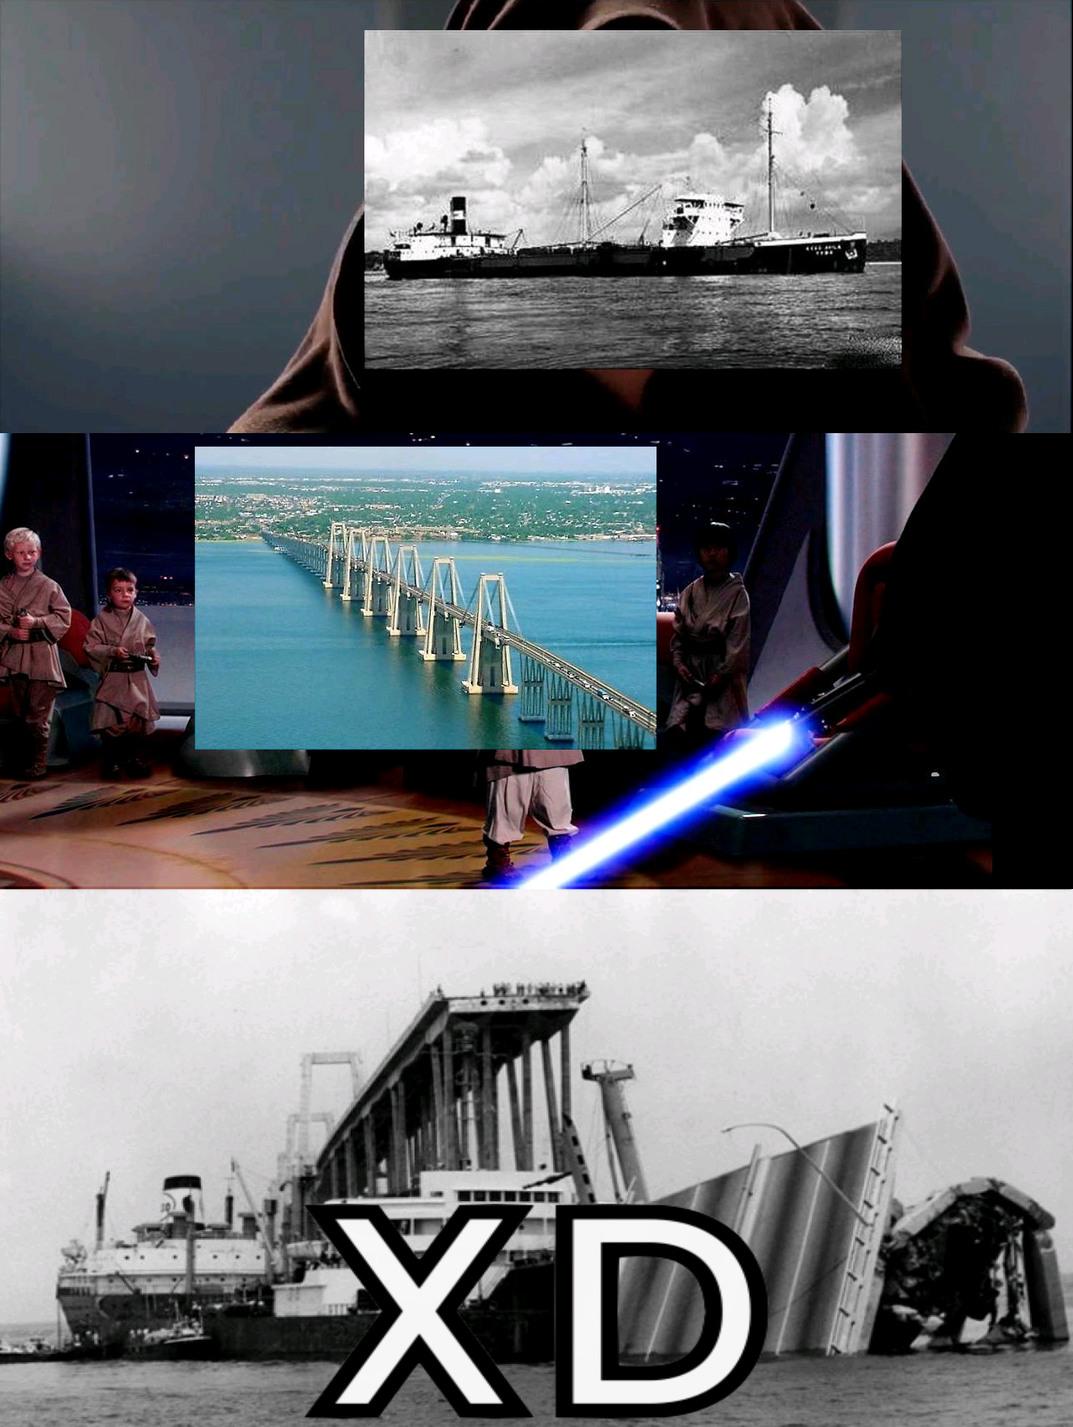 El Chiste: El Super Tanquero Esso maracaibo tumbo el puente por un error del capitán en el año 1964 - meme